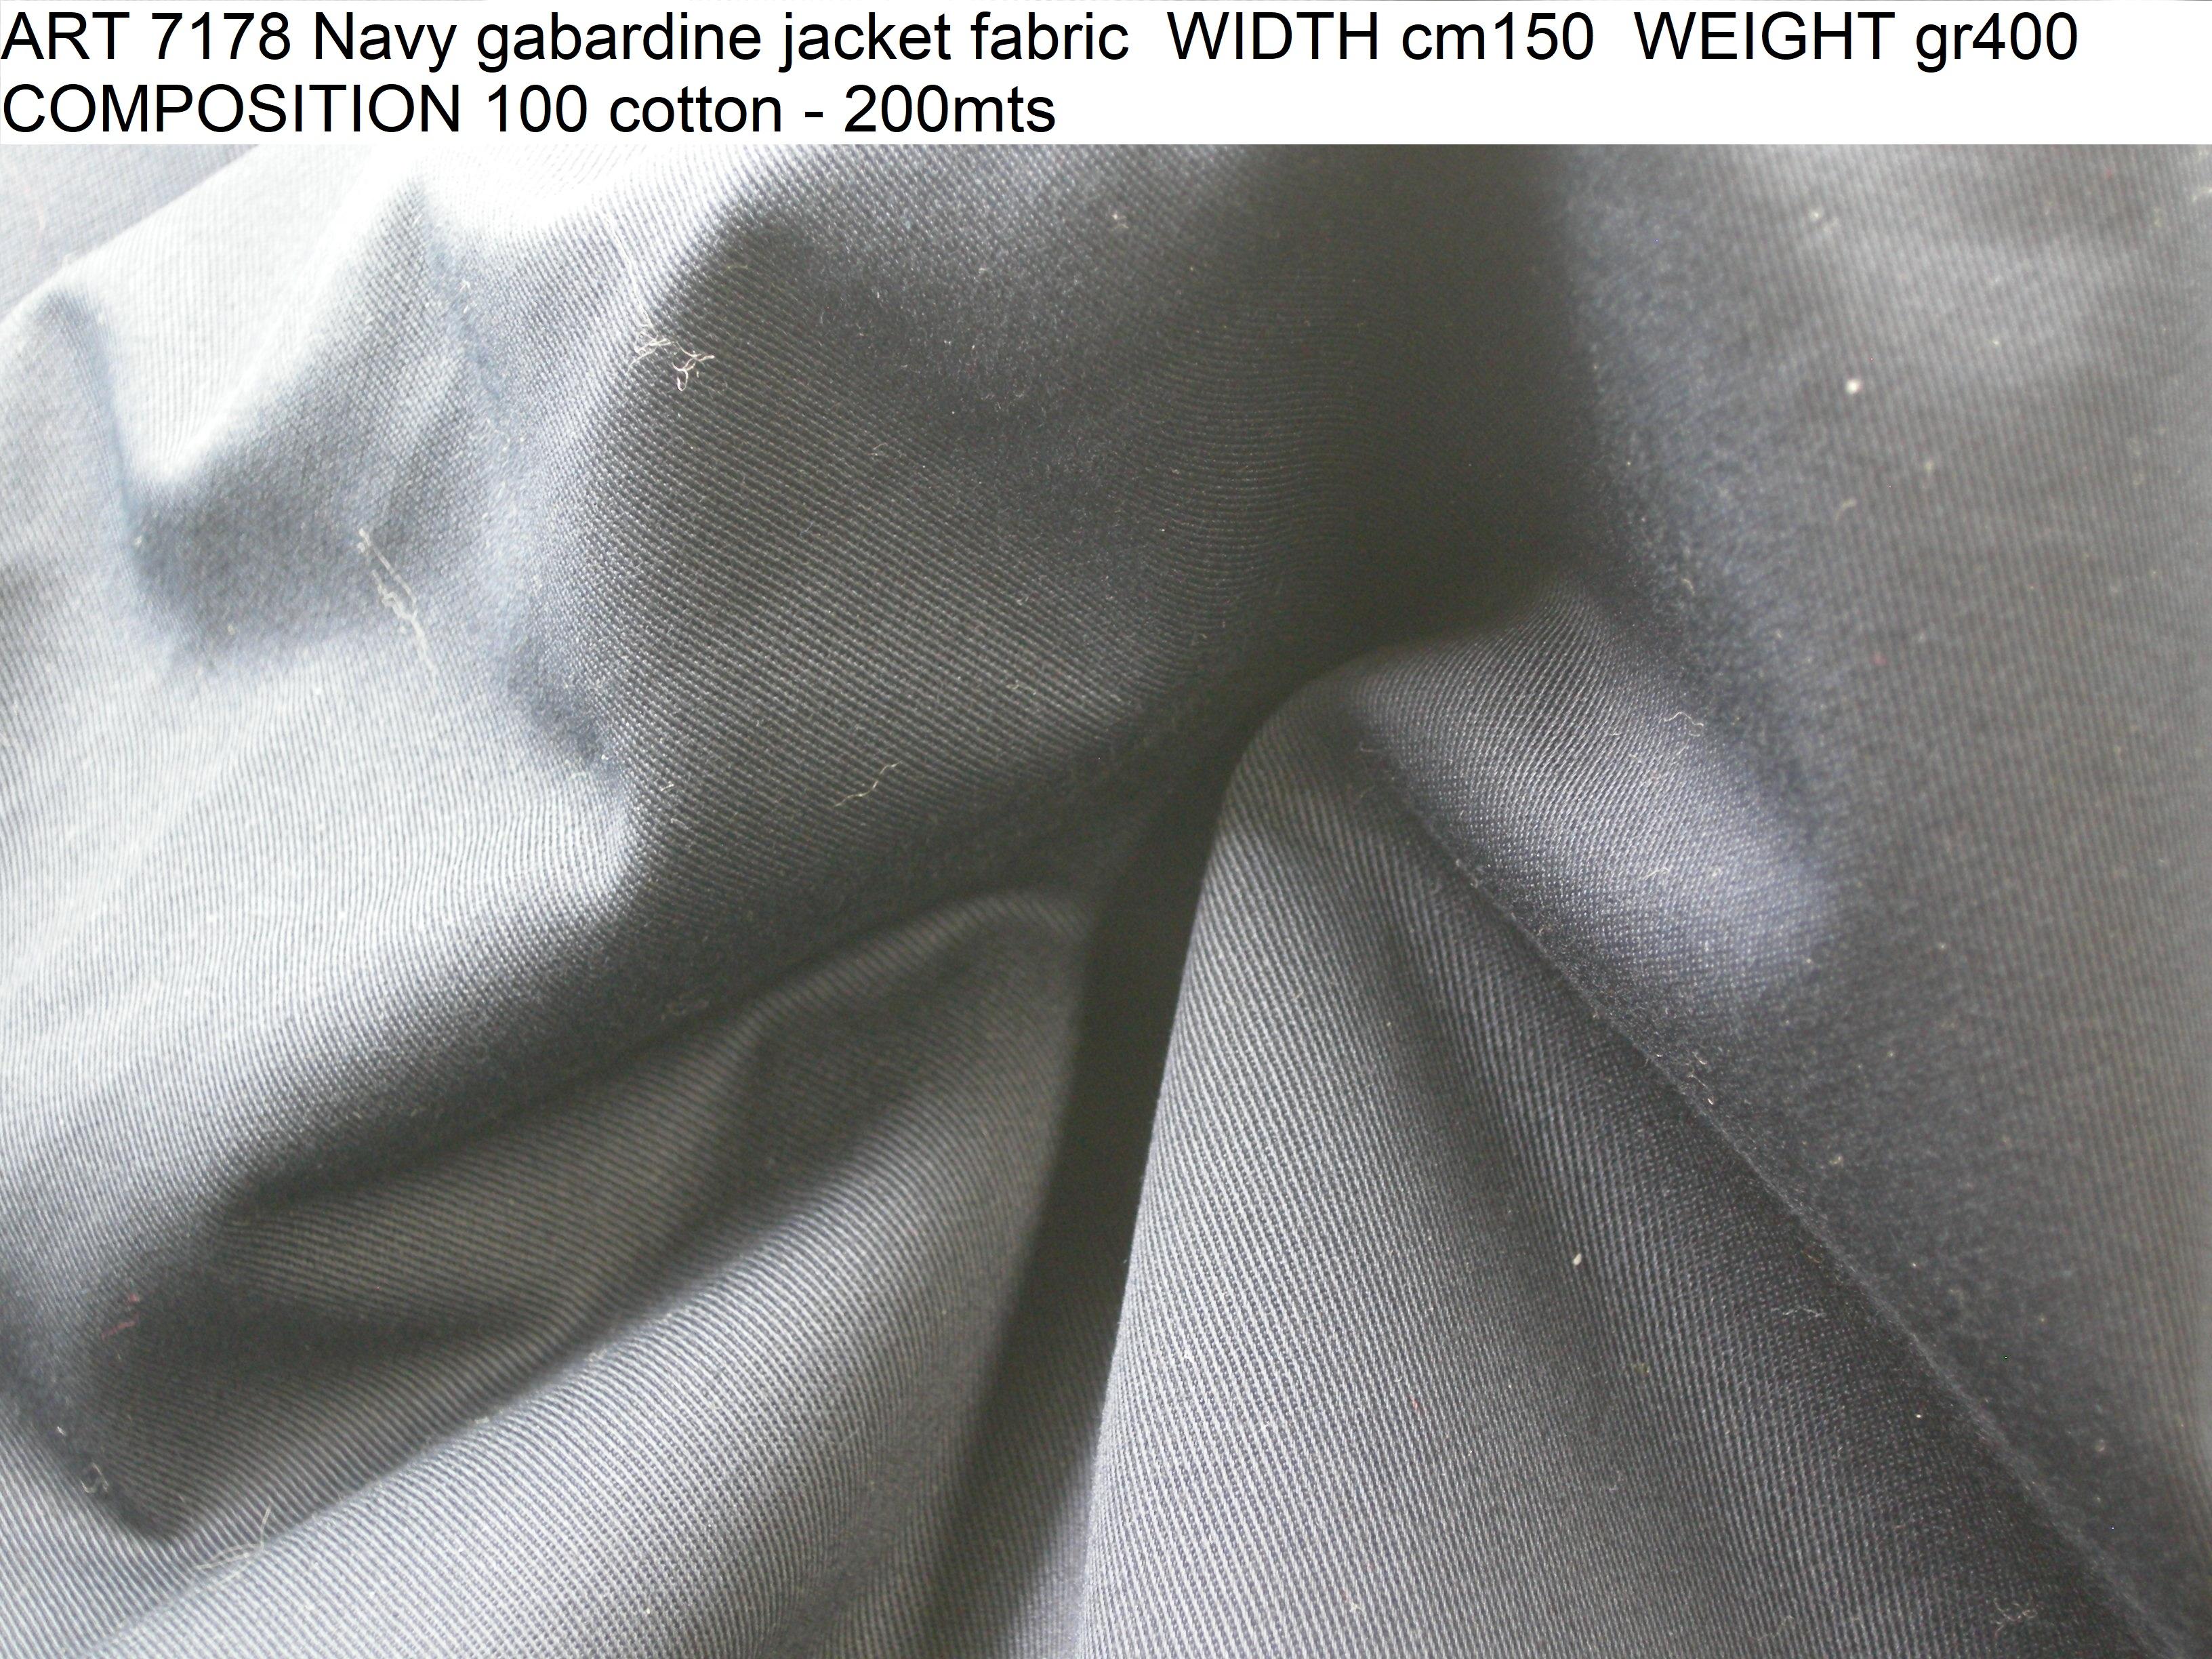 ART 7178 Navy gabardine jacket fabric WIDTH cm150 WEIGHT gr400 COMPOSITION 100 cotton - 200mts